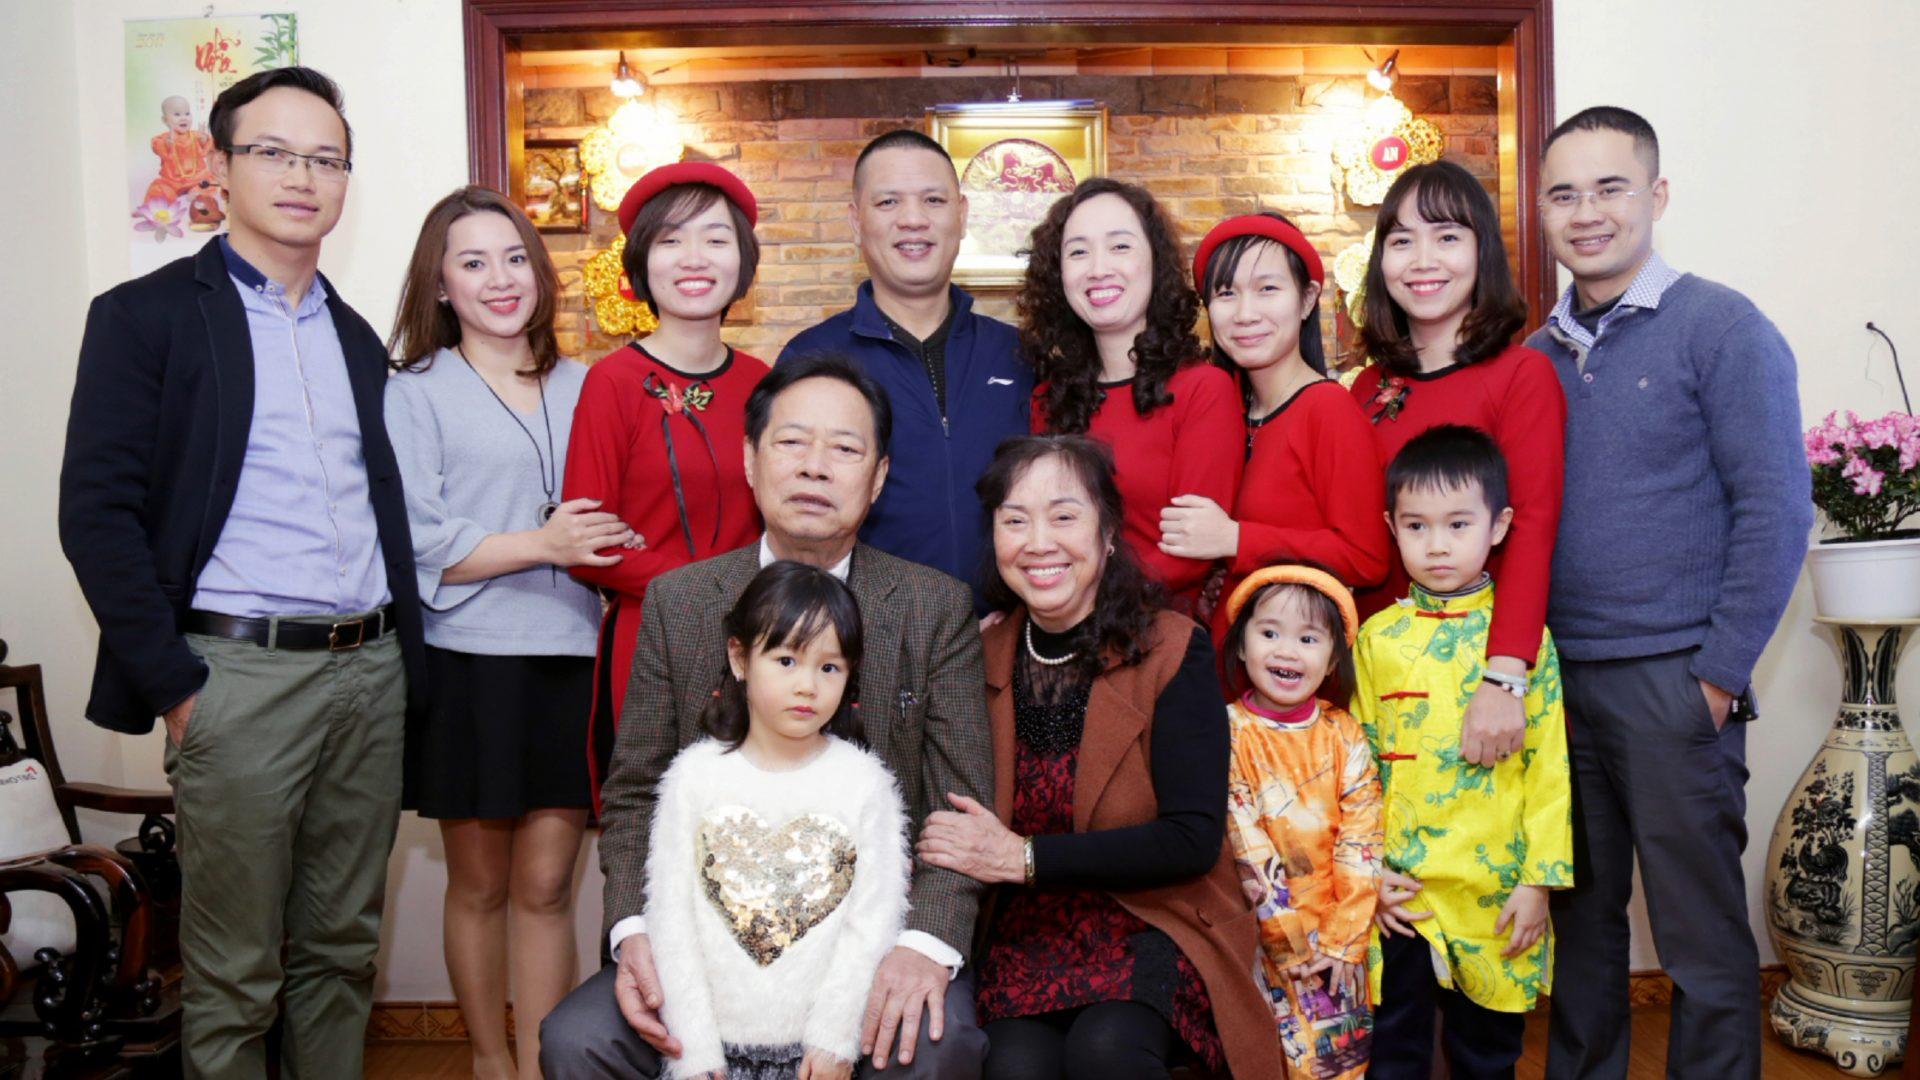 Chụp ảnh đại gia đình cùng ảnh viện Piano